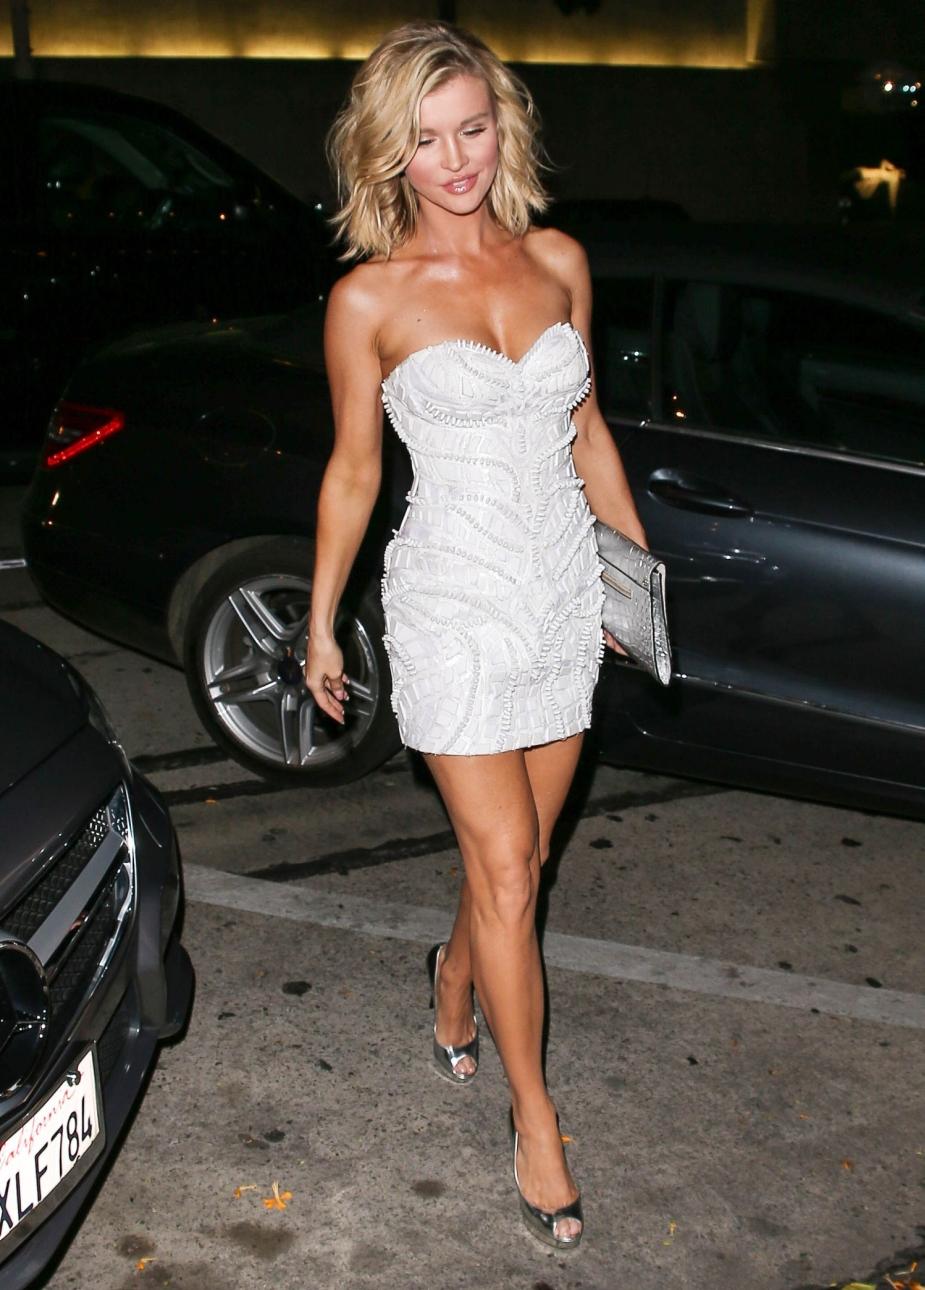 Zdjęcie: joanna krupa hollywood biala sukienka 03.jpg